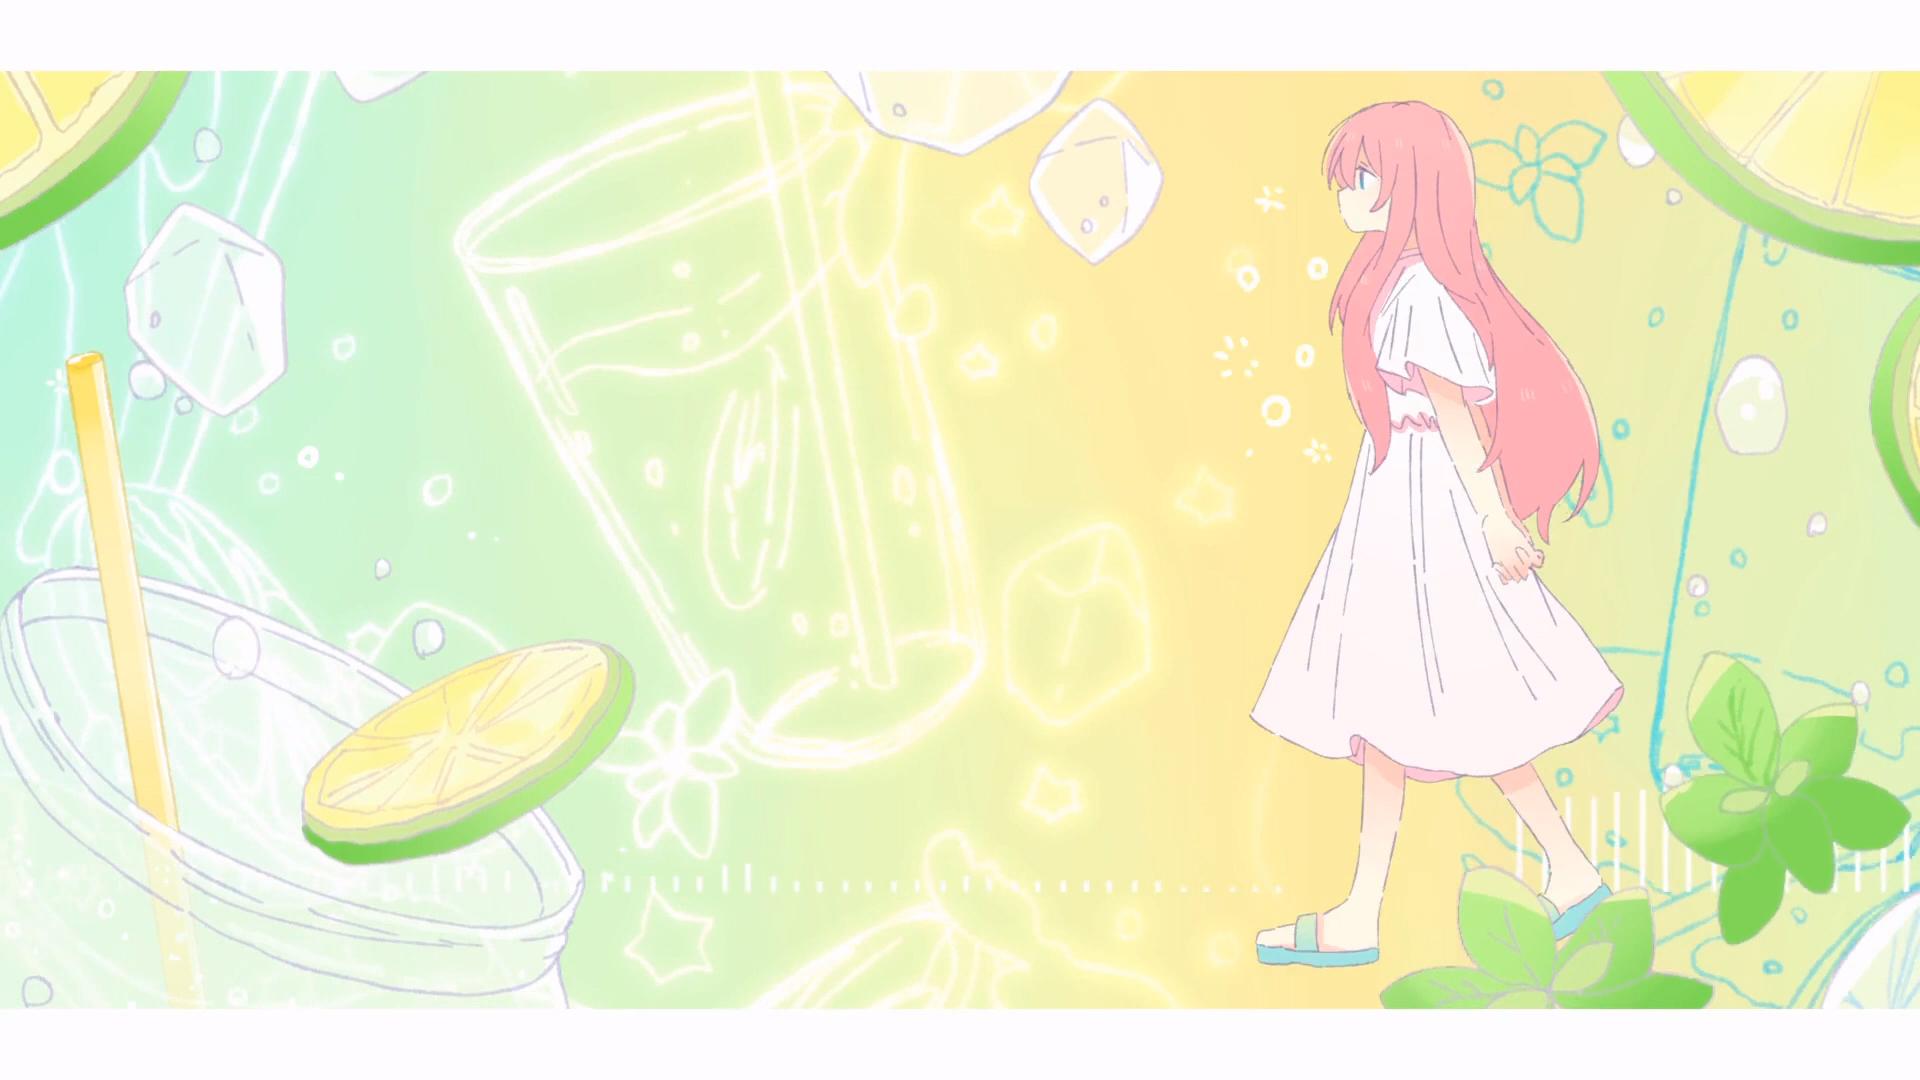 ライムソーダ (Lime Soda)